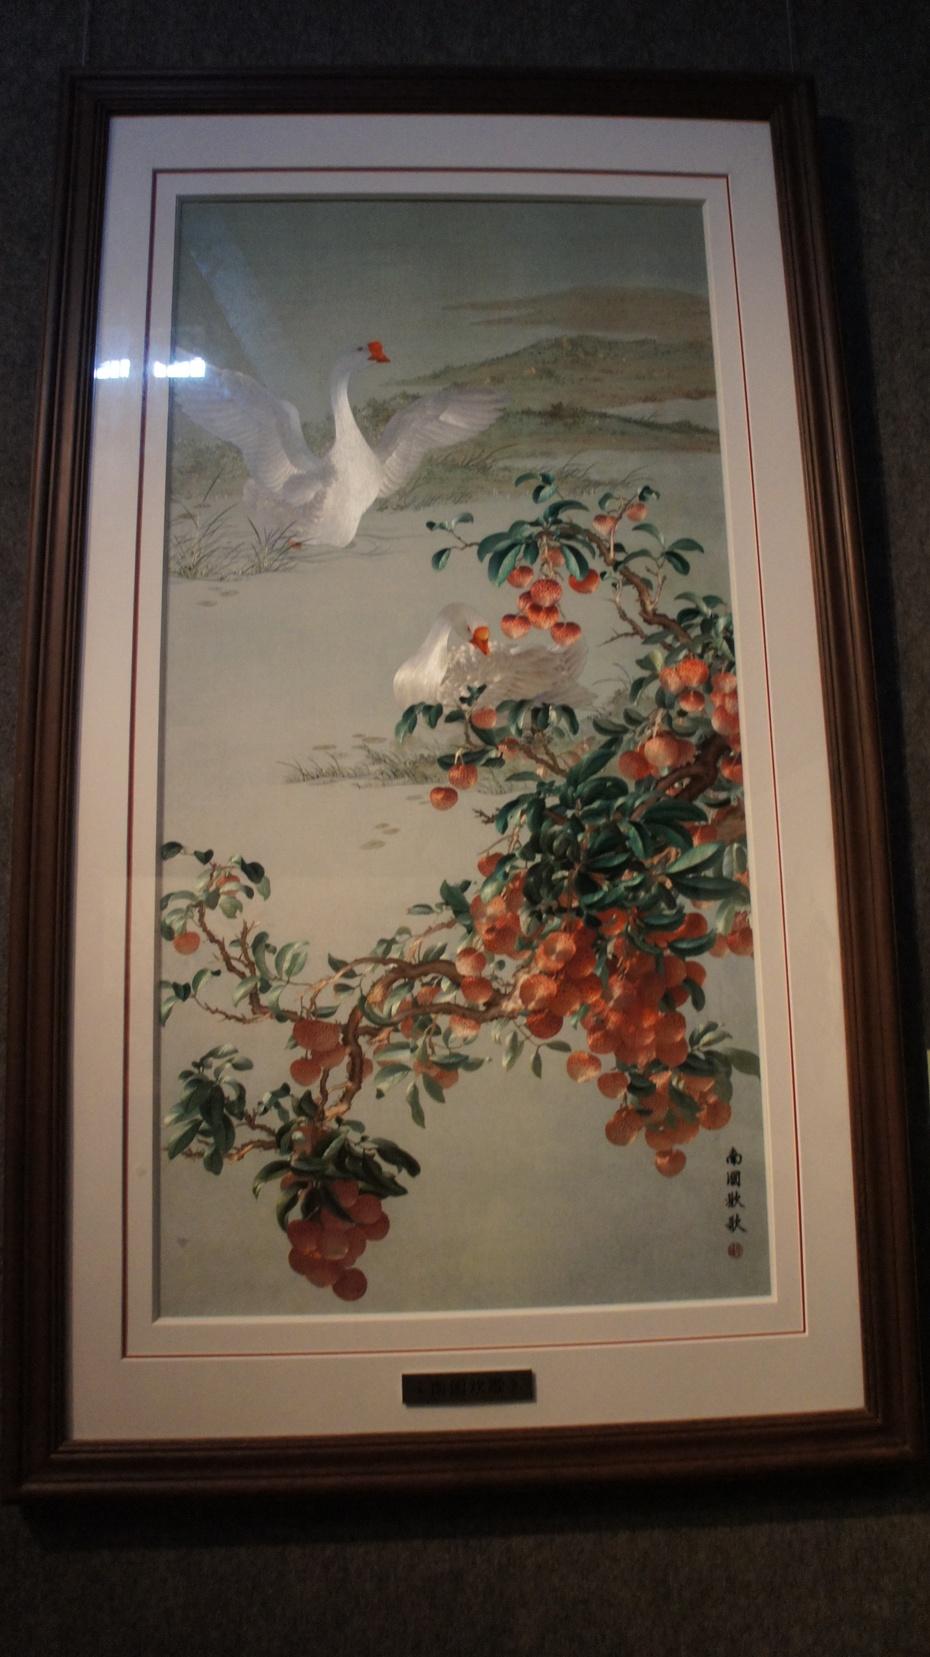 广东民间工艺博物馆:精品广绣展 - 余昌国 - 我的博客